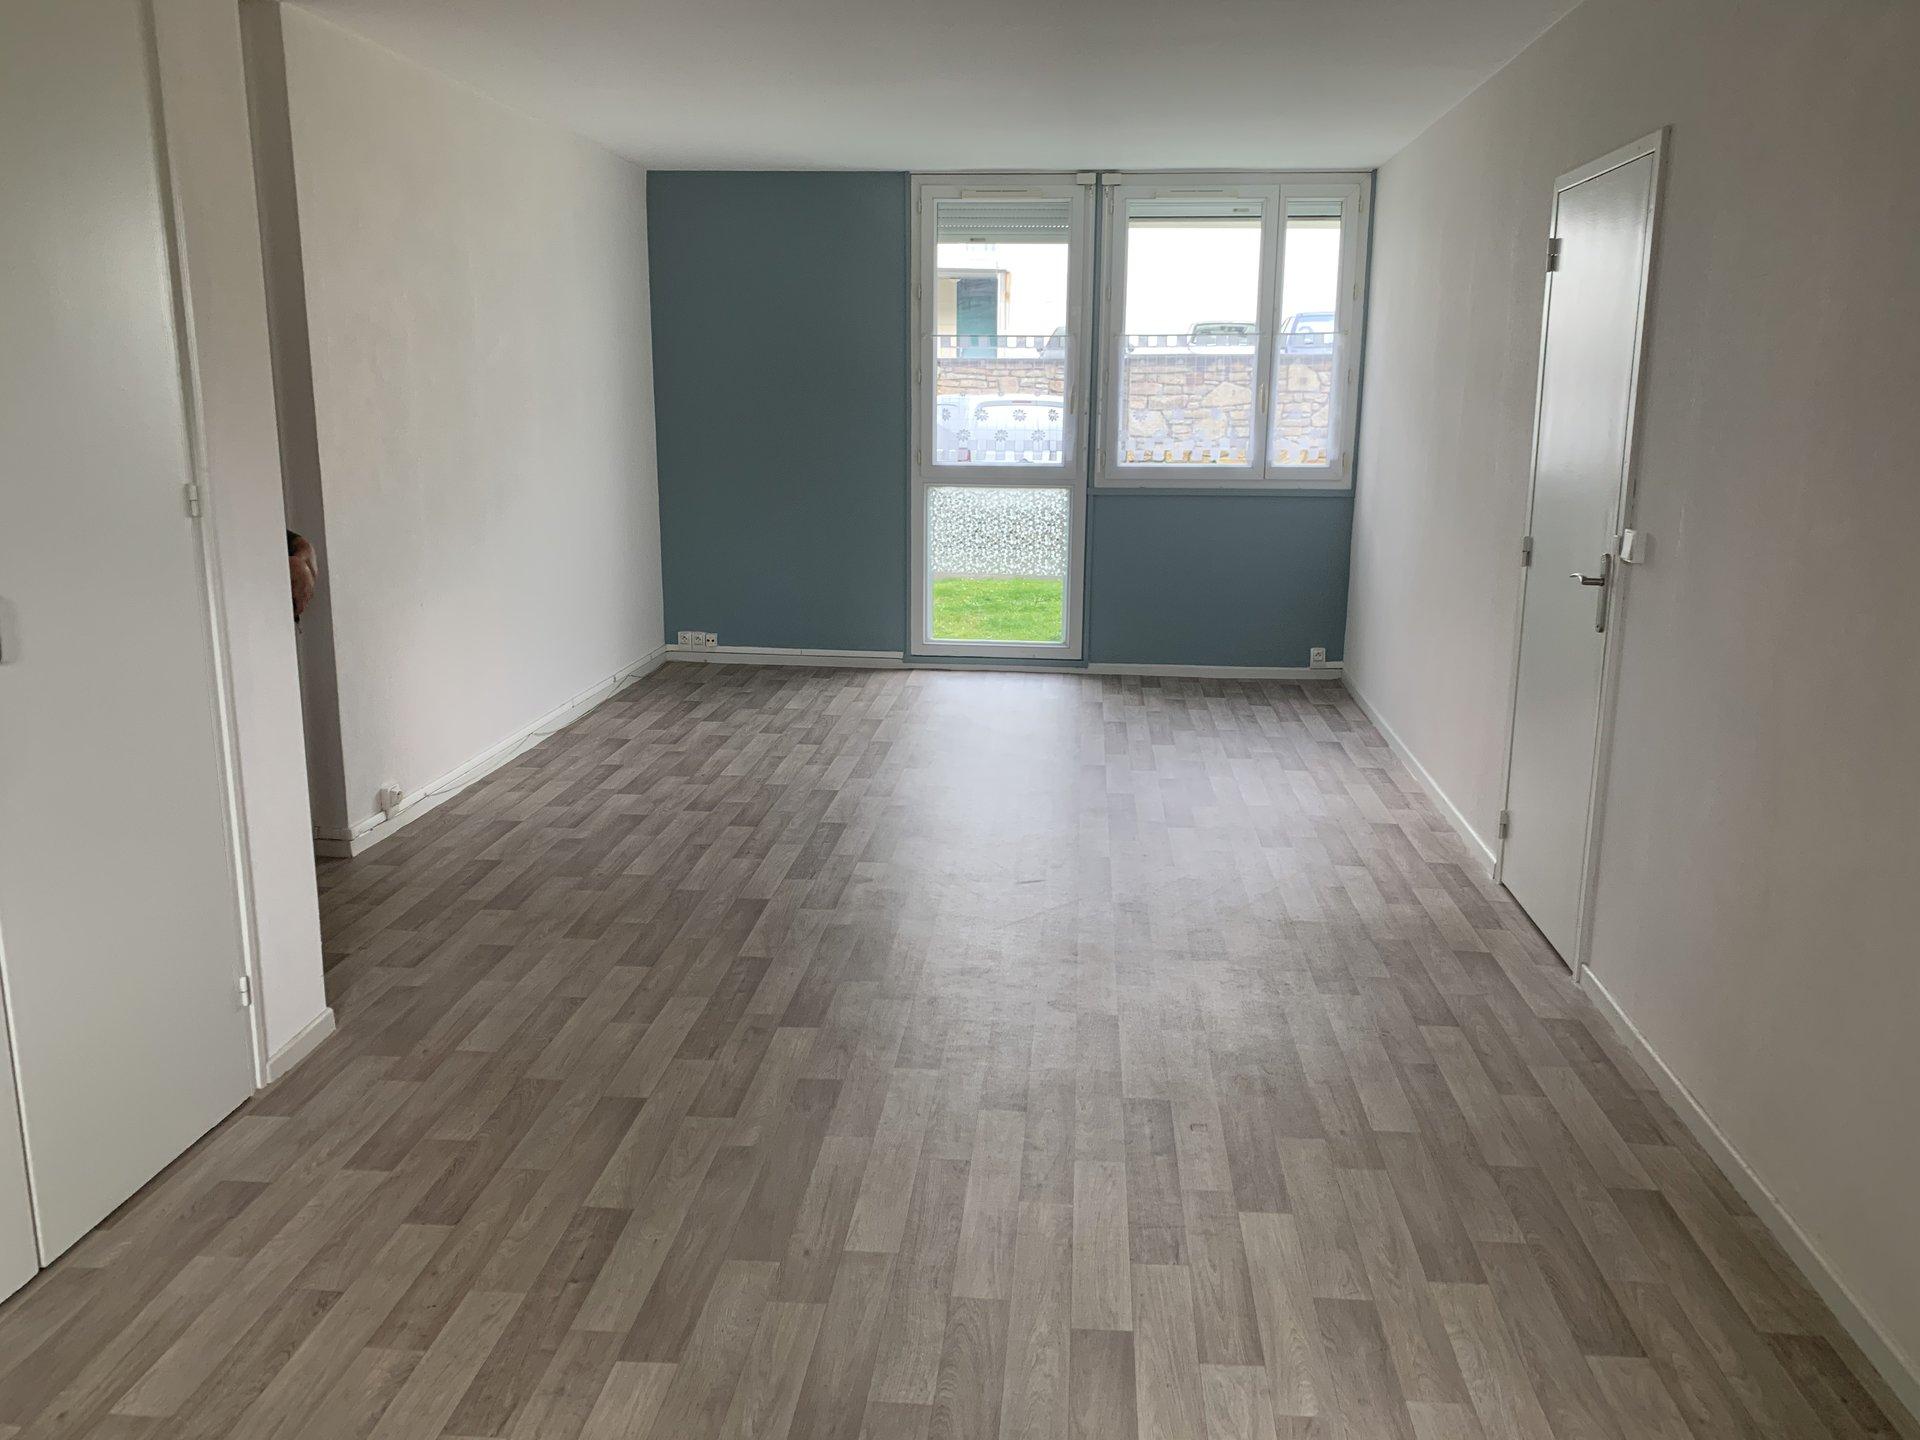 A VENDRE, Landivisiau, appartement 3 pièces en rez-de-chaussée